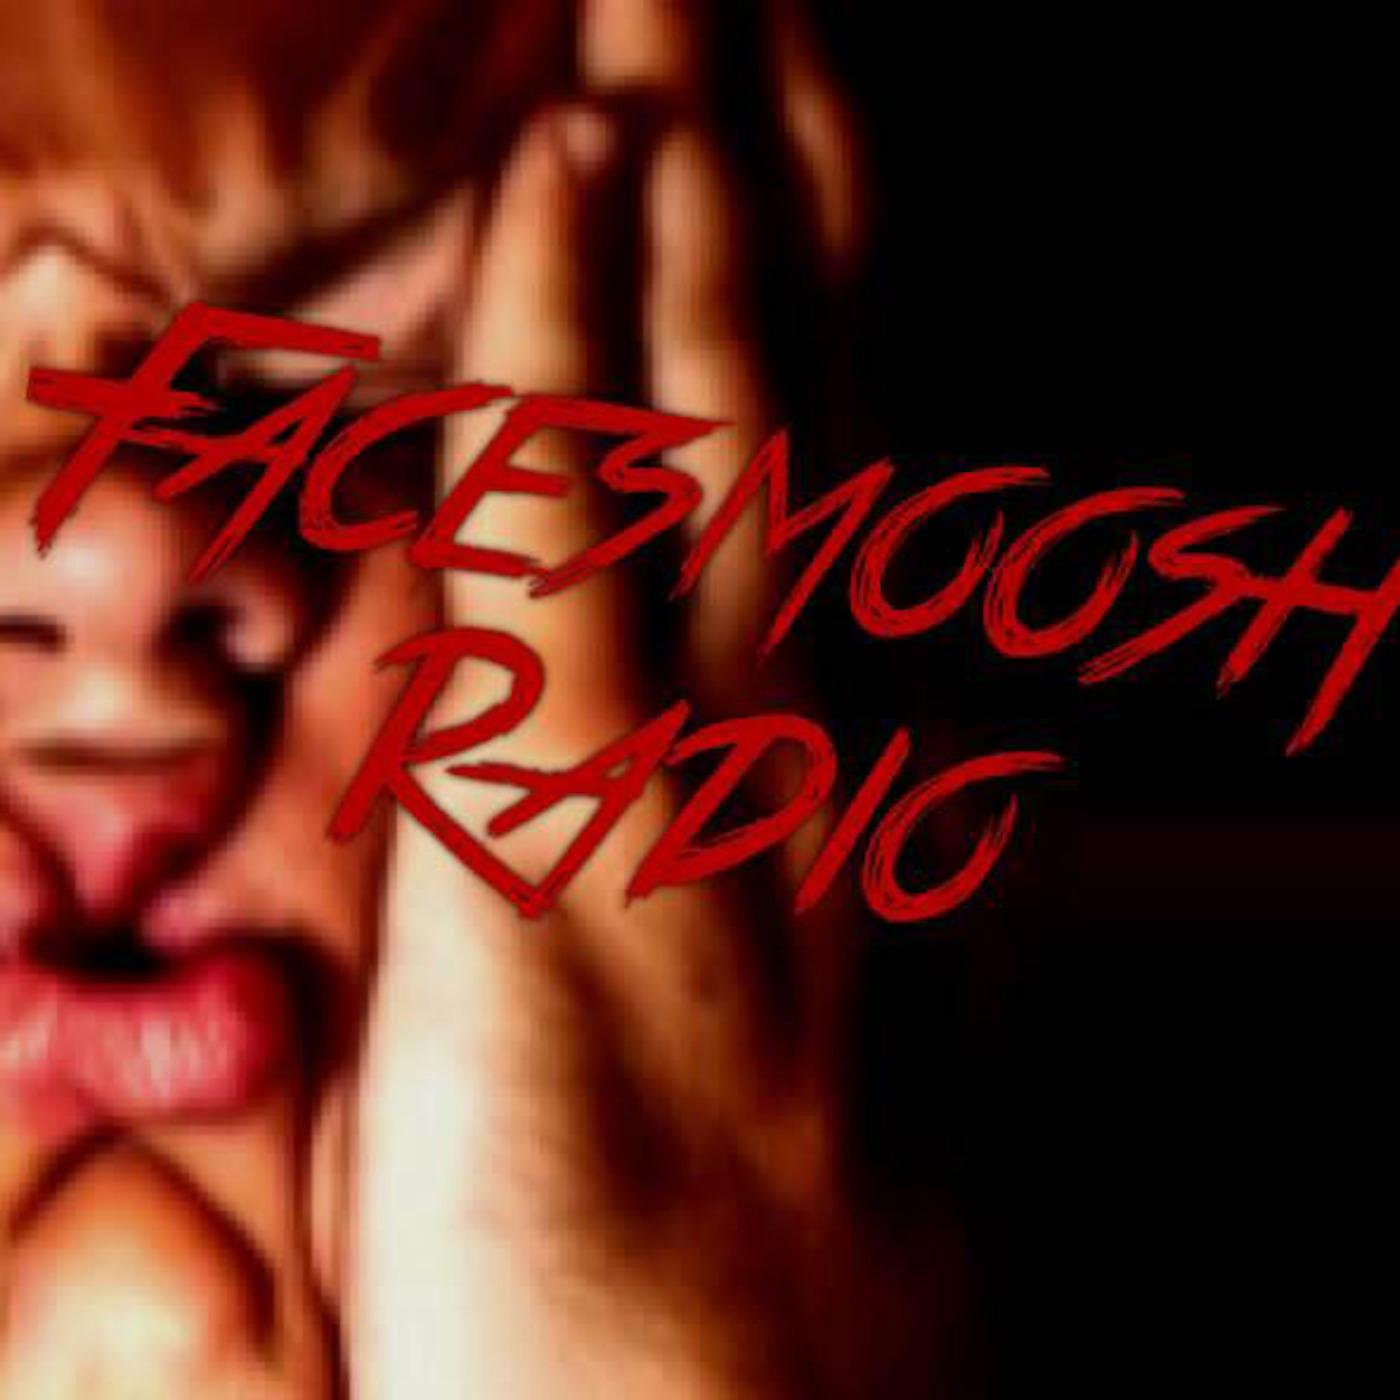 FaceSmoosh Radio